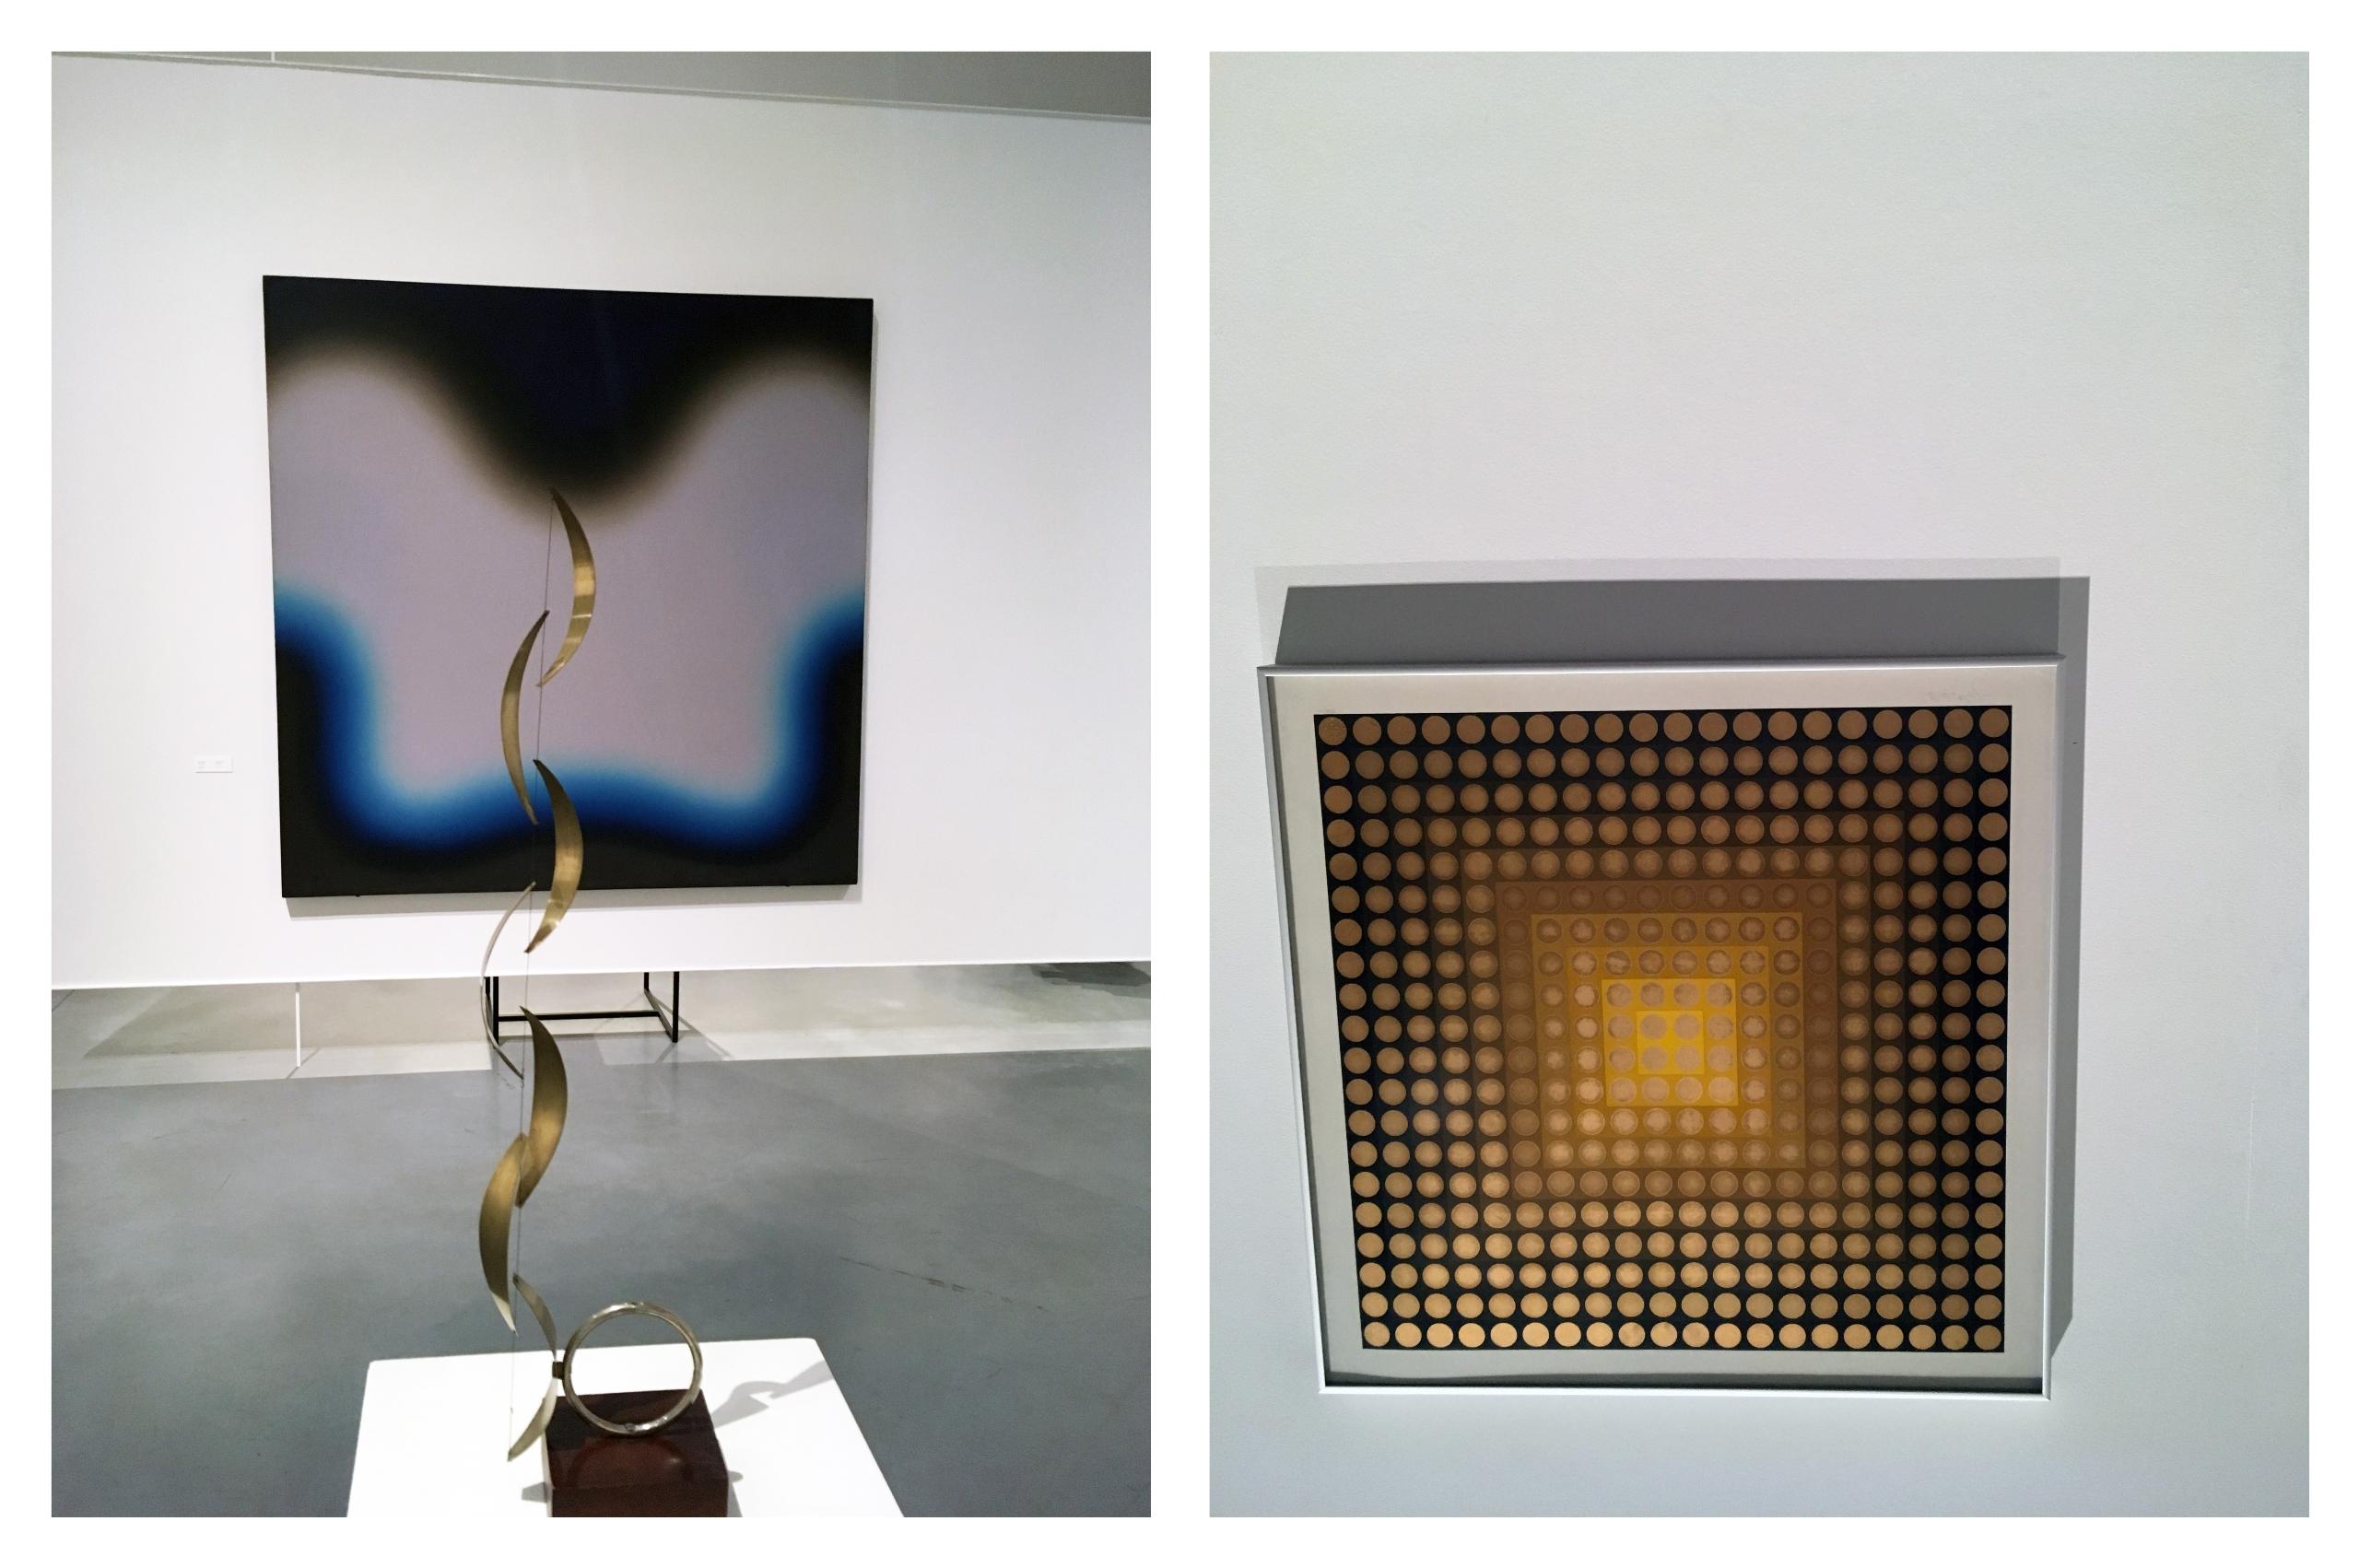 Obraz przedstawia dwa zdjęcia. Z lewej strony na pierwszym planie widzimy złotą rzeźbę, a w tle obraz. Z prawej strony widzimy kwadratowy obraz przedstawiający małe kółka.